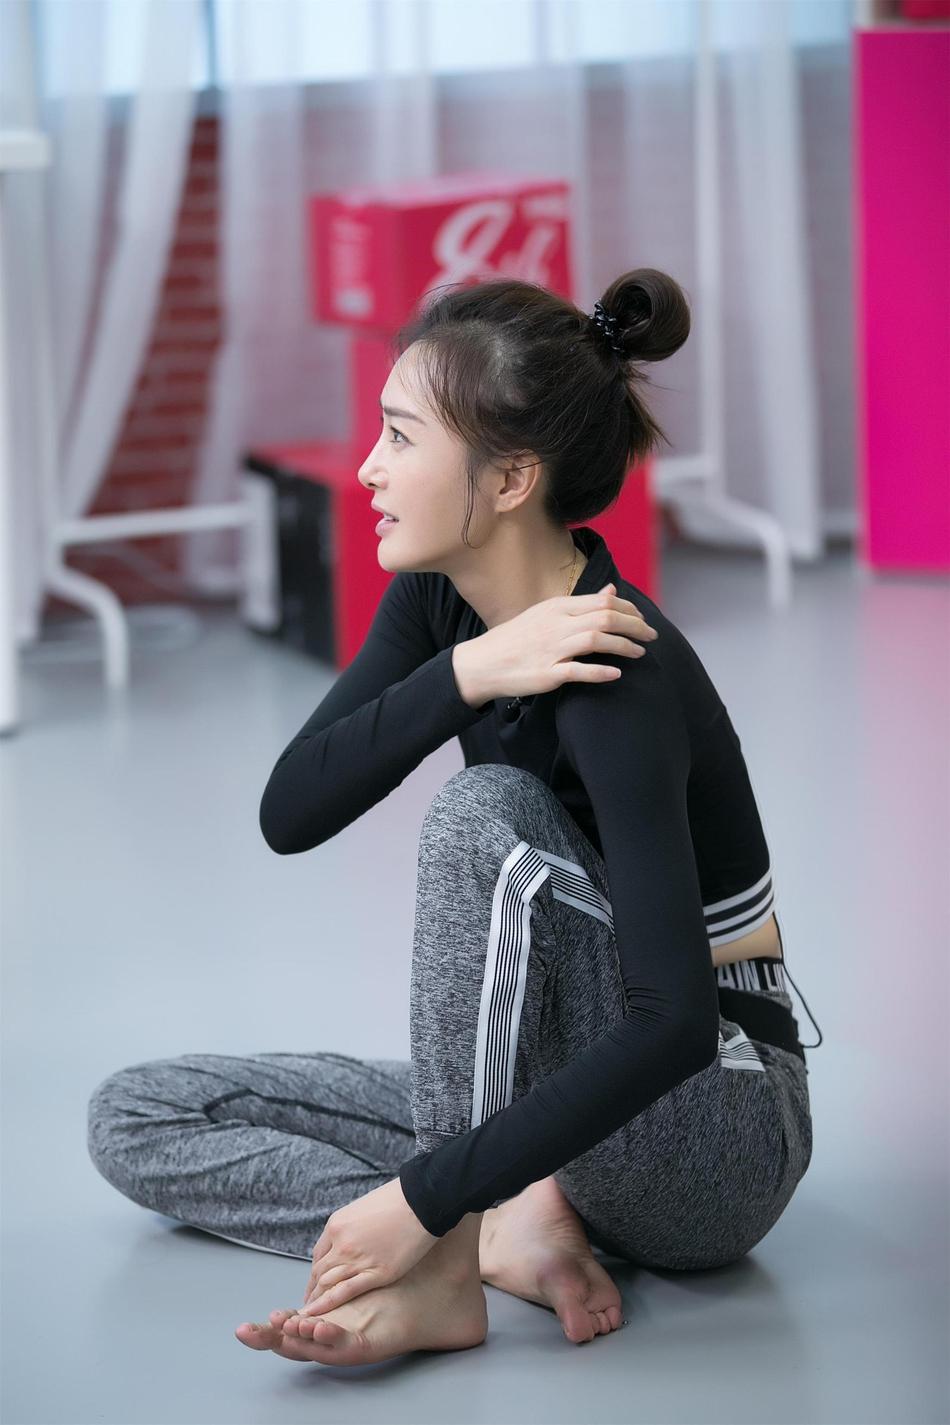 秦岚湿发专注练舞侧颜清秀 露脐运动装显蛮腰身材超纤细